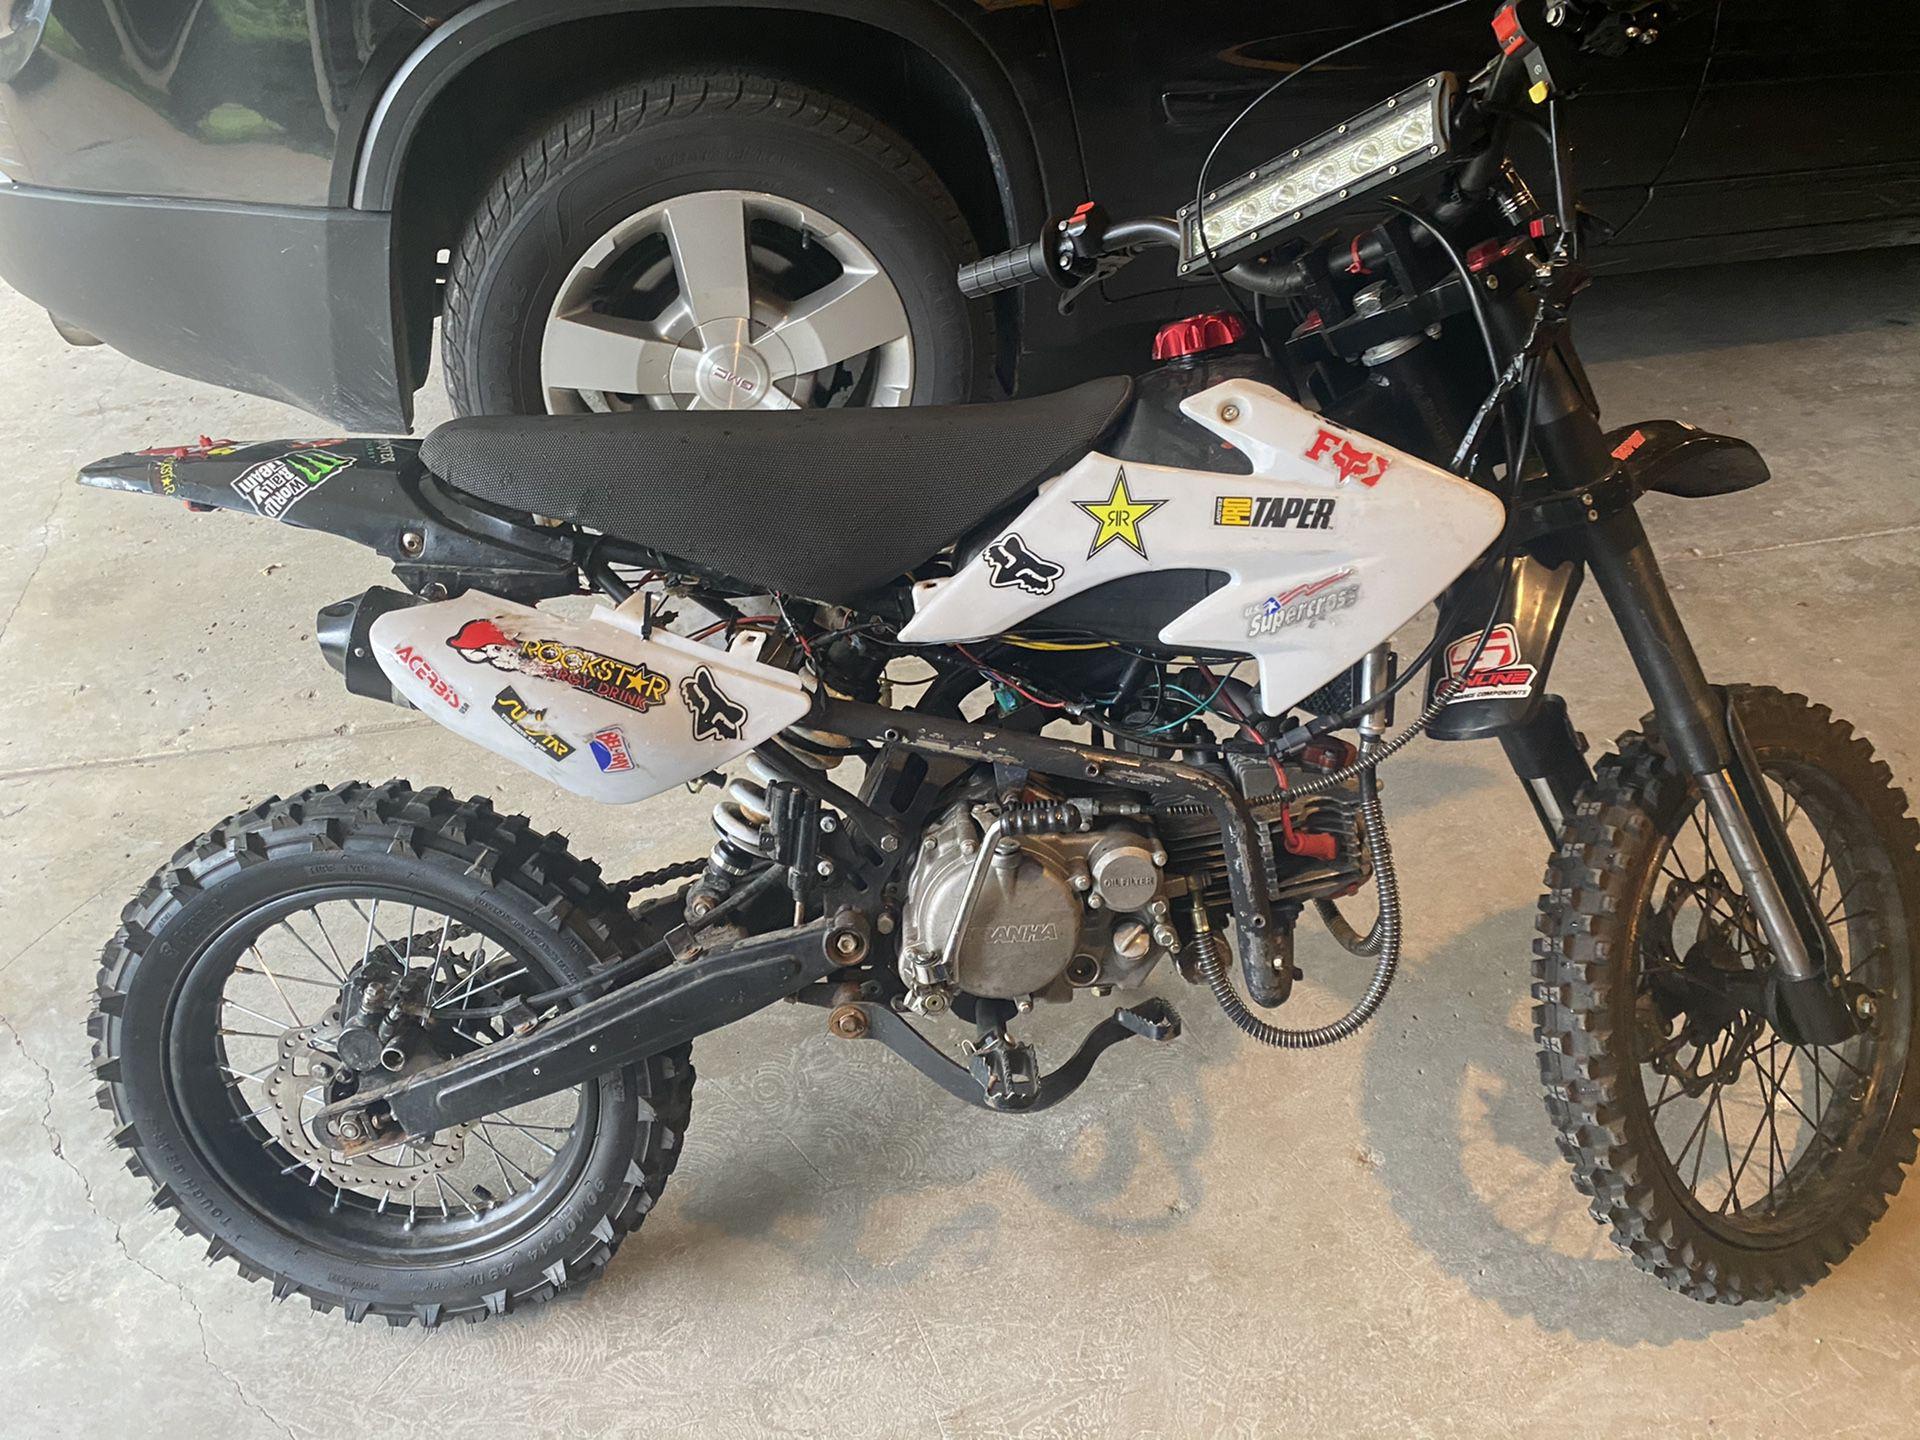 Photo Parana 125 Dirt Bike